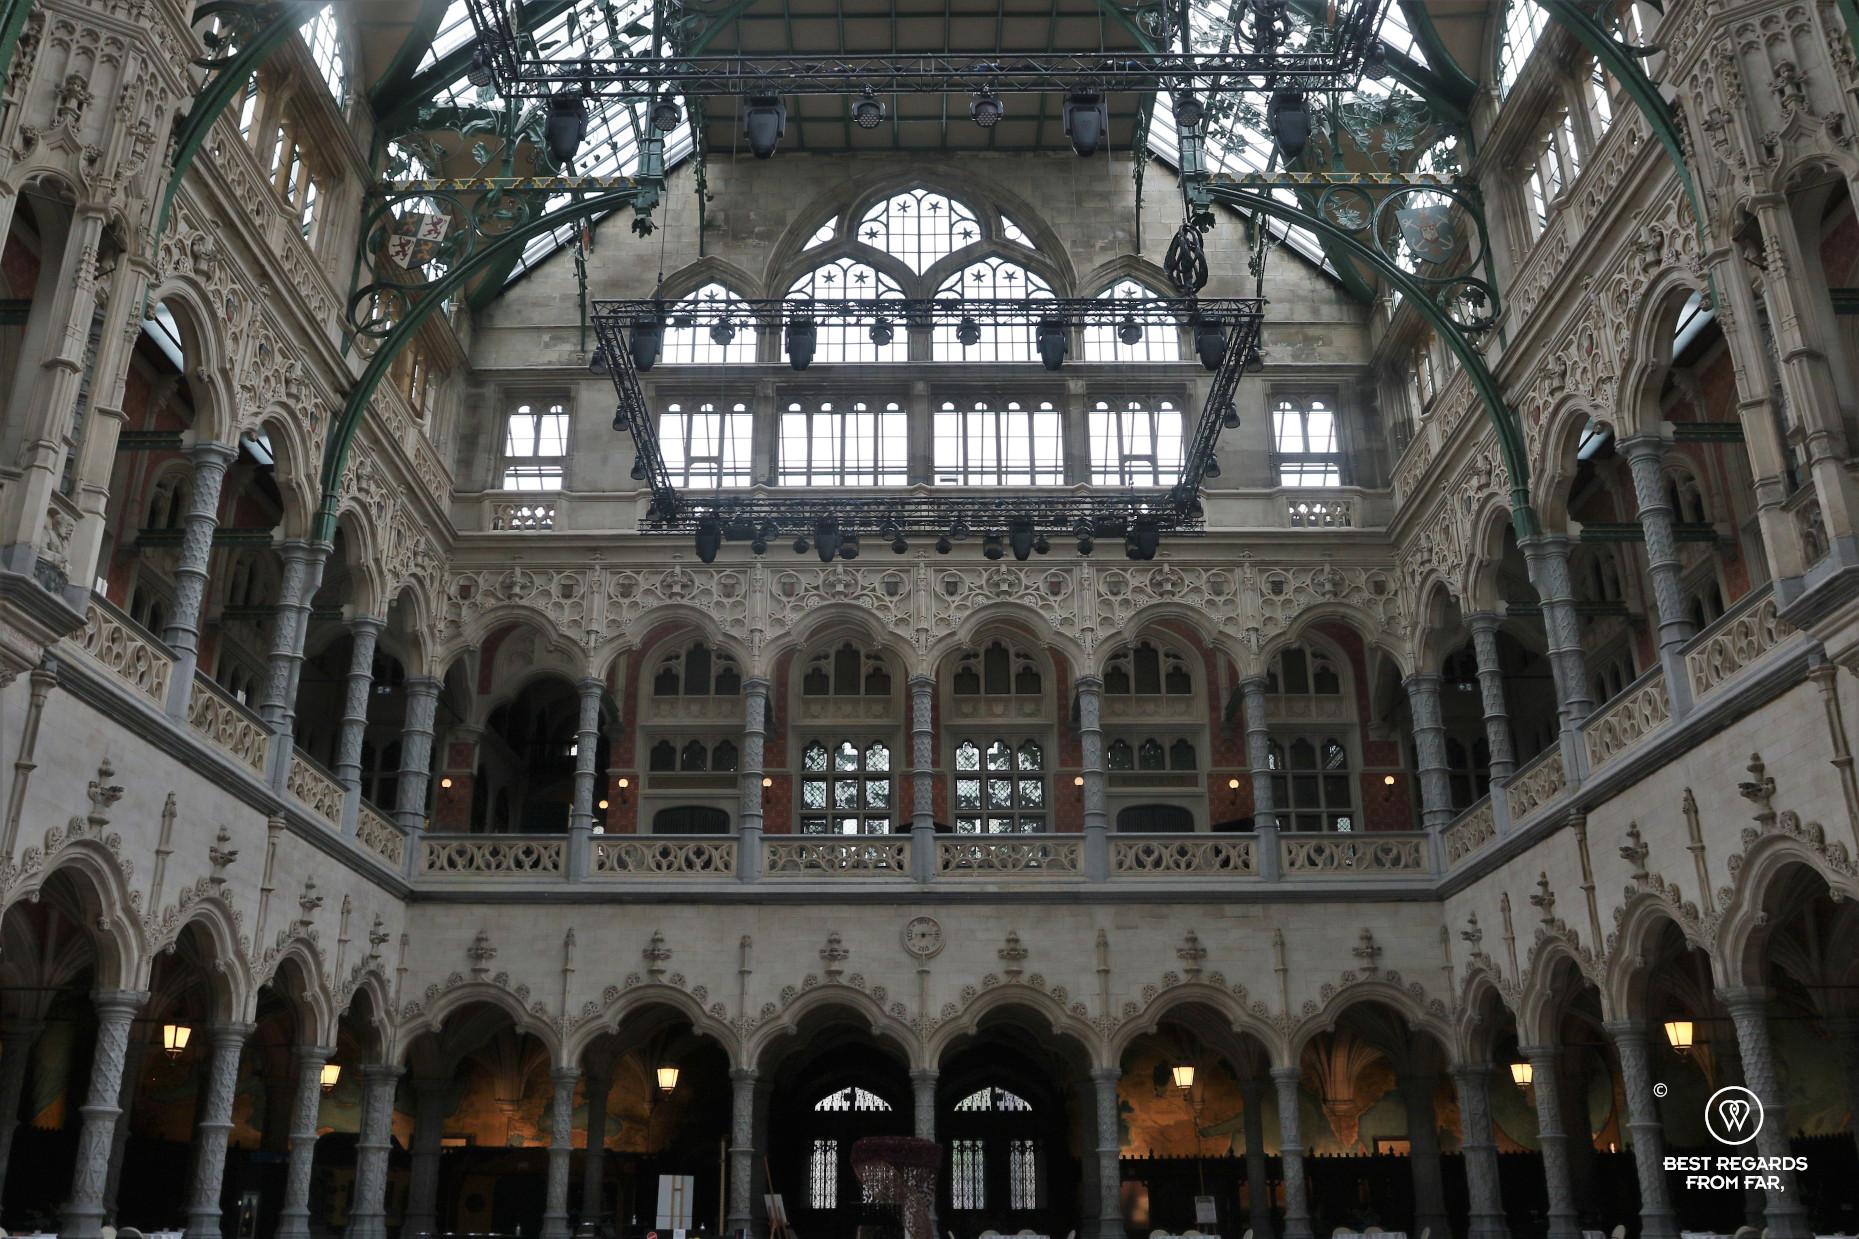 Art deco interior of the Handelsbeurs, Antwerp